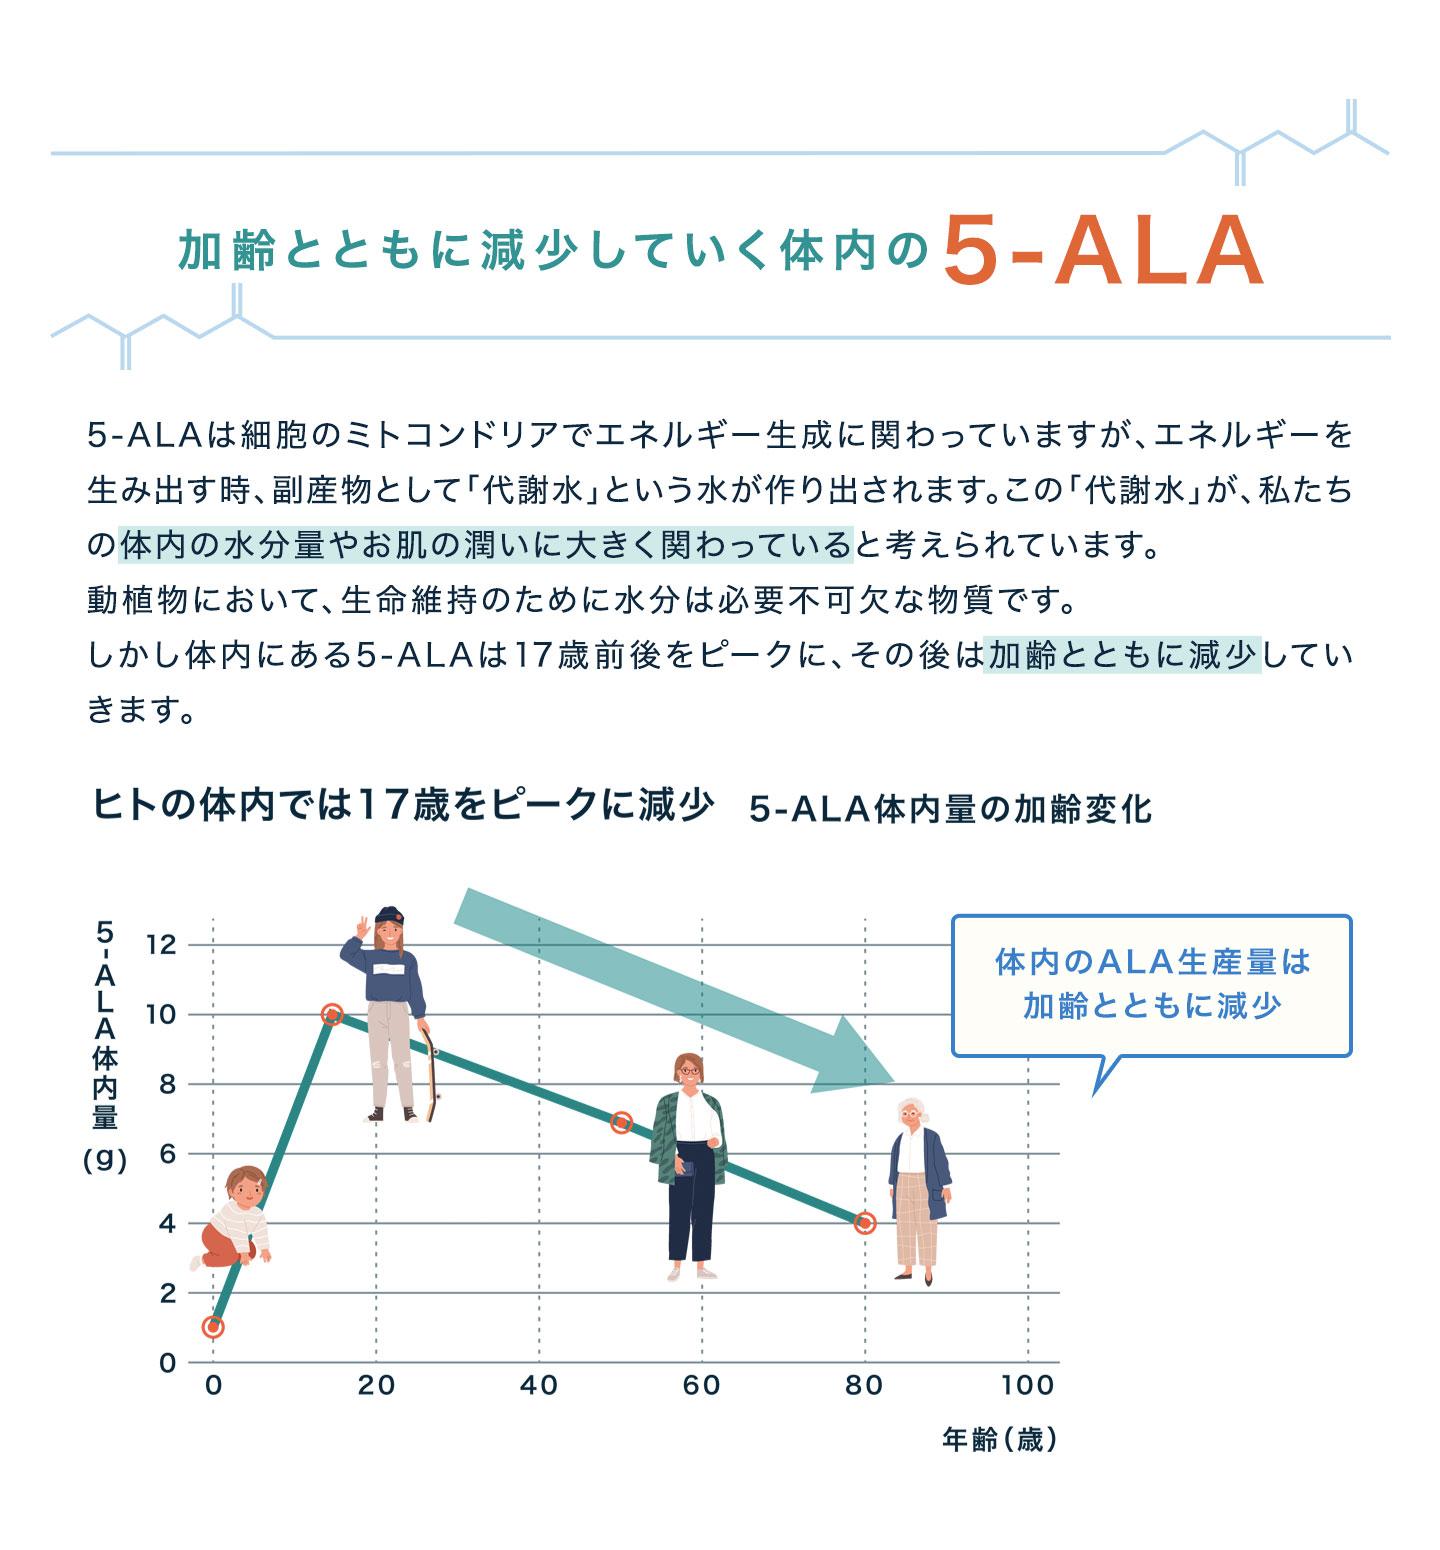 加齢とともに減少していく体内の5-ALA